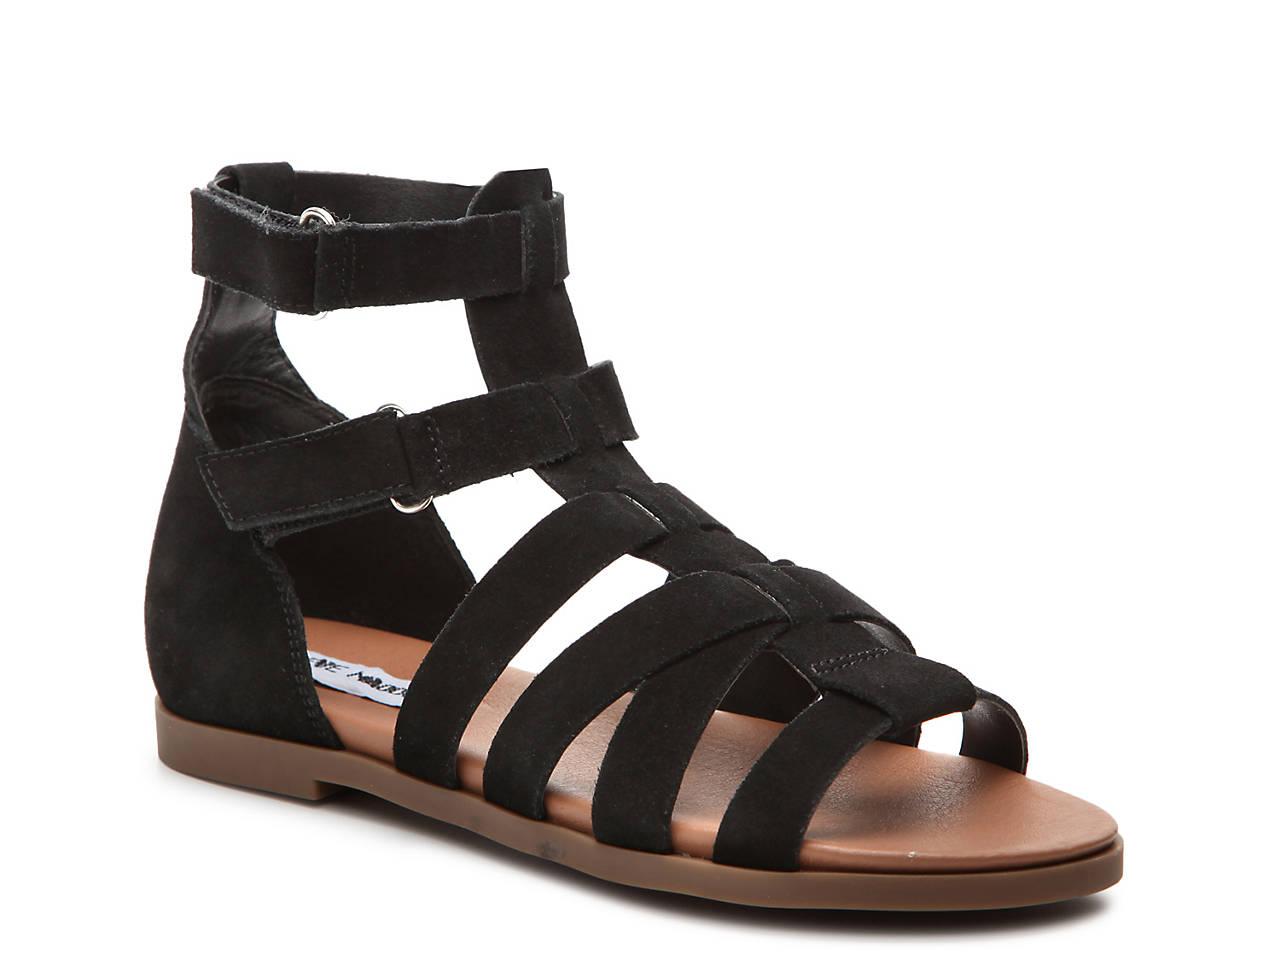 022a39e02e7 Steve Madden Gali Gladiator Sandal Women s Shoes